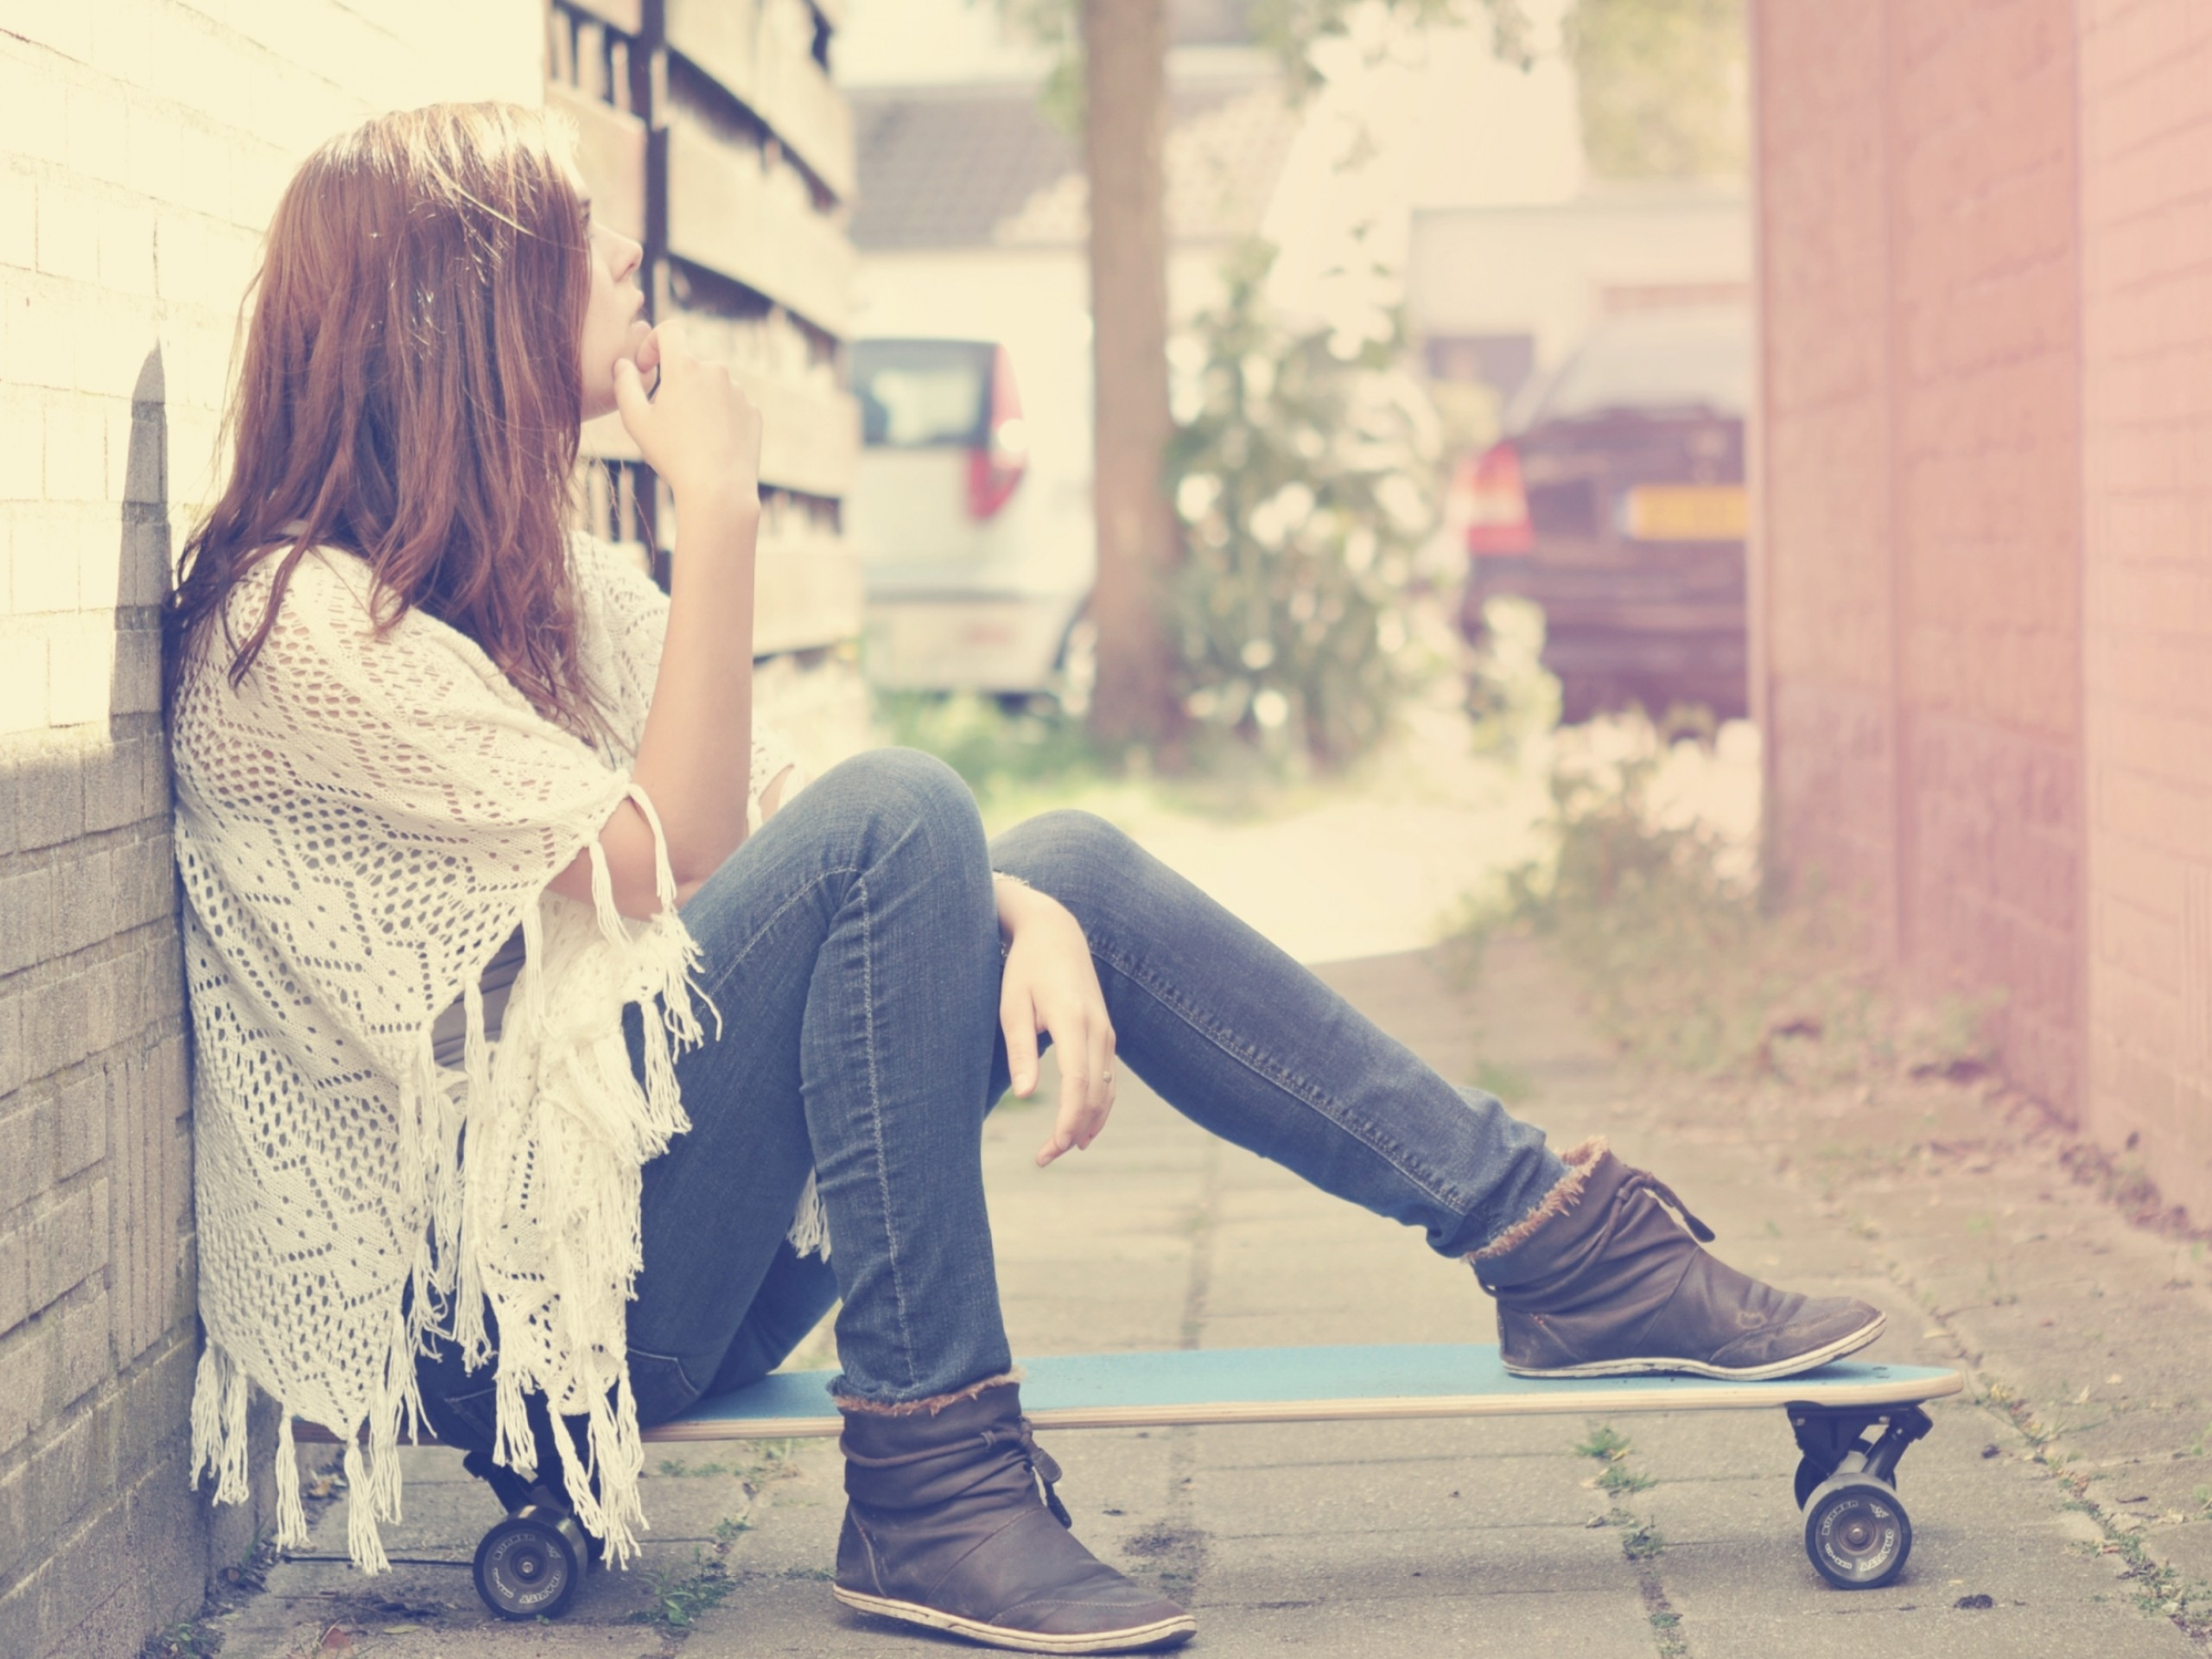 Skateboard Skate Girl